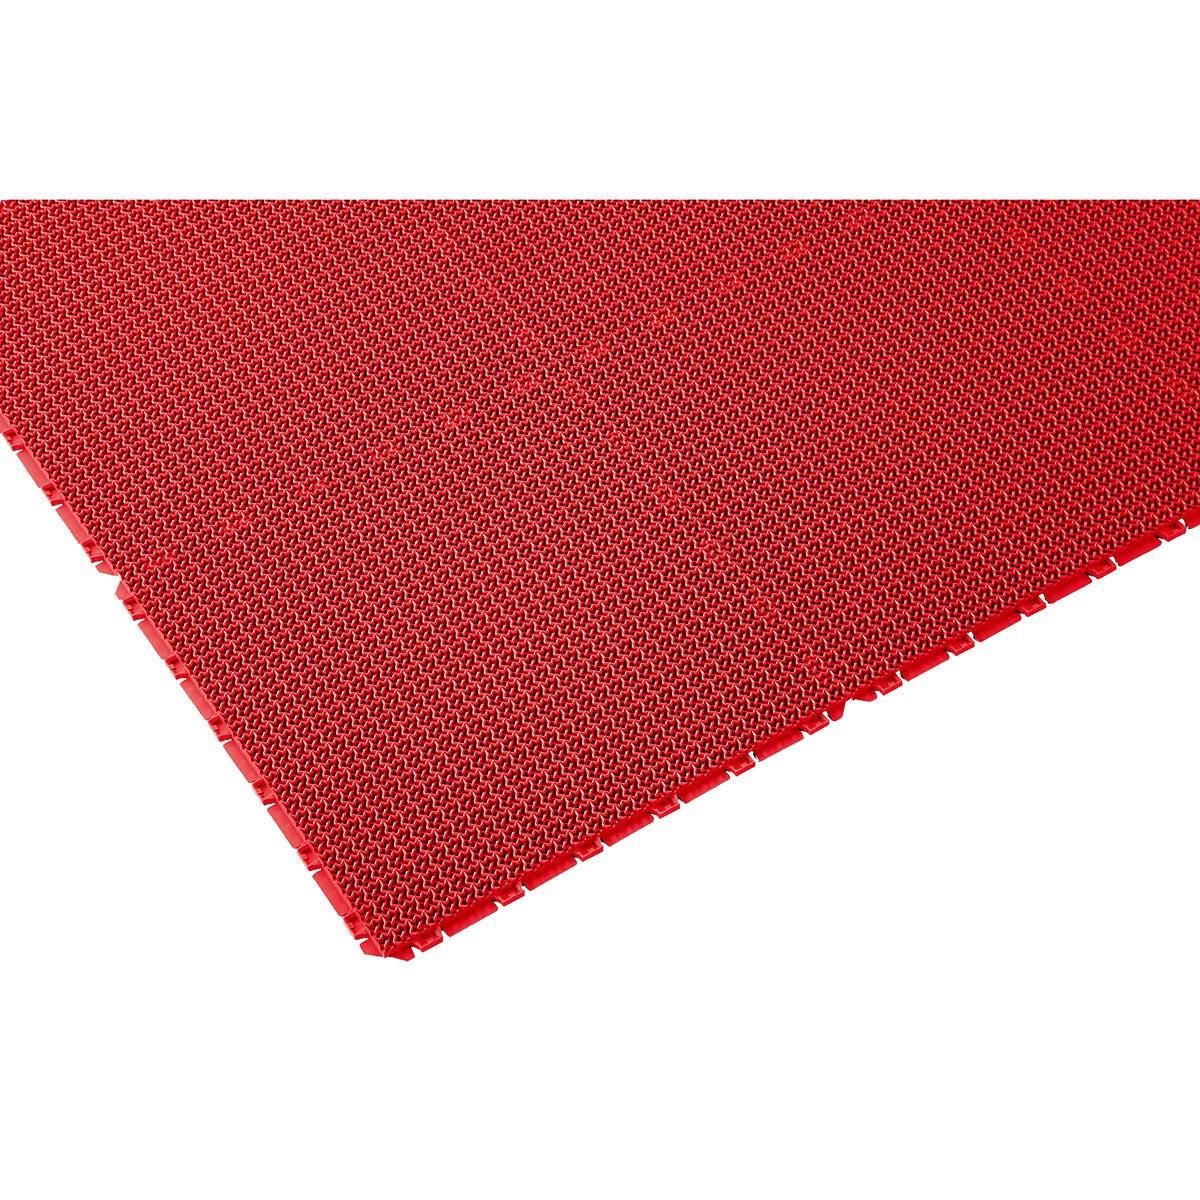 山崎産業 ブイステップマット13 オーダーサイズ縁なし 1平米/価格 R(赤) F-126-OR